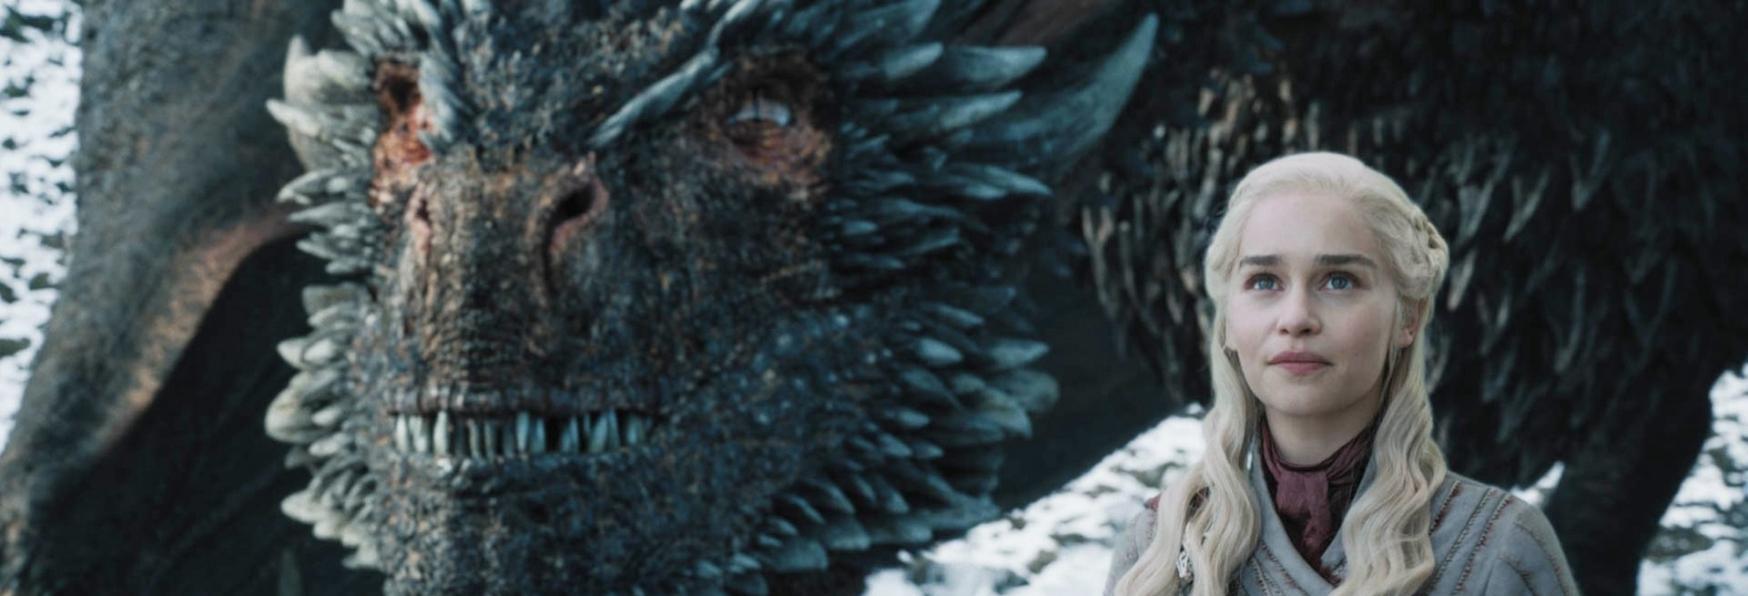 Game of Thrones: HBO Max al lavoro su una Serie TV Animata